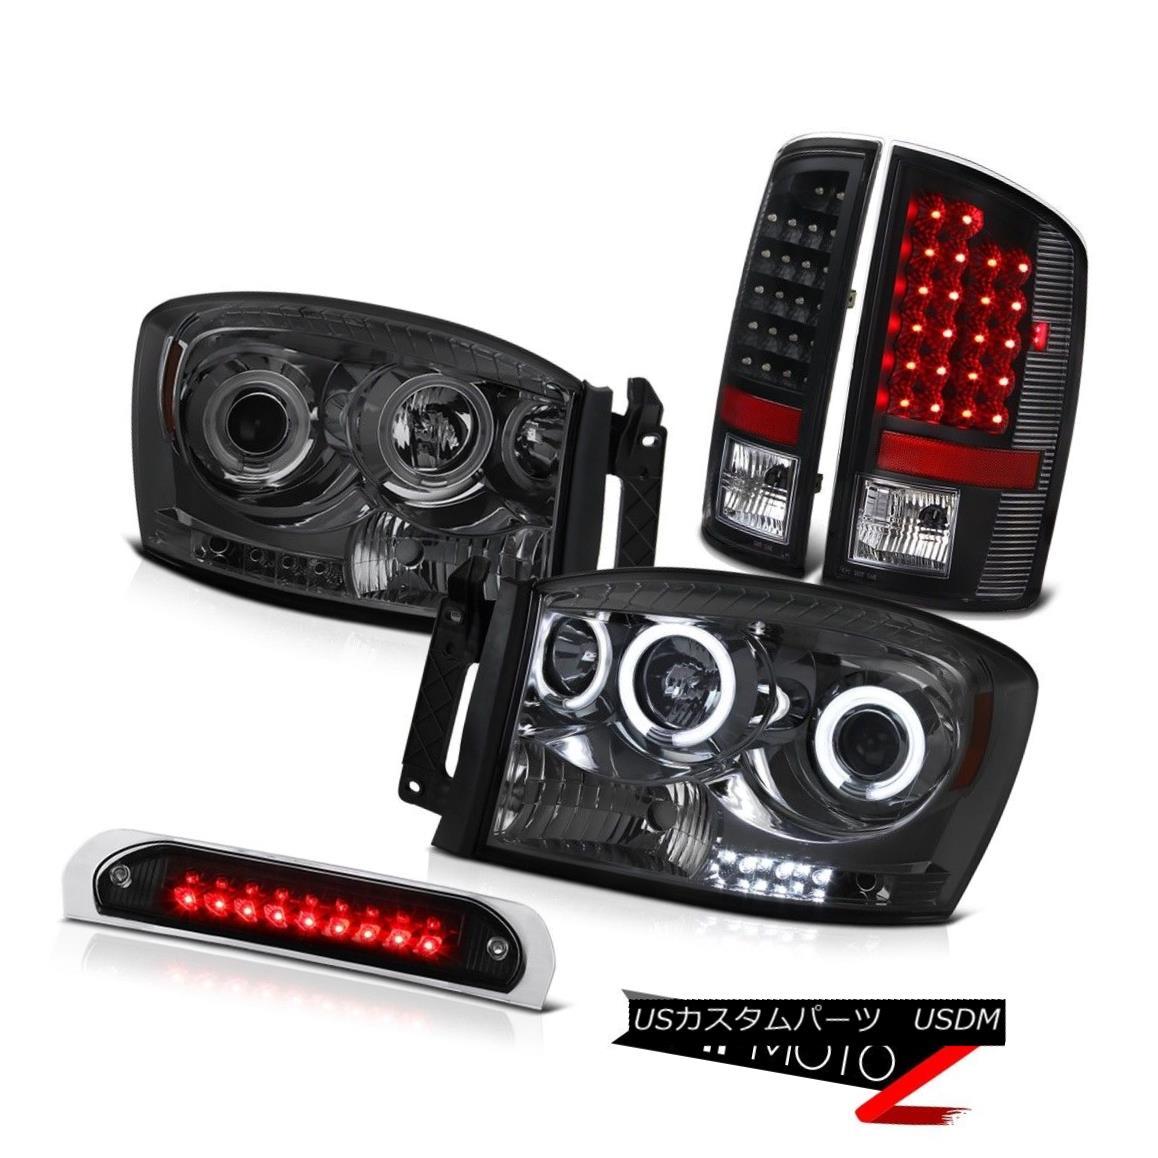 テールライト CCFL Angel Eye Headlight Black LED Tail Light 3rd Brake 2007-2008 Dodge Ram 3500 CCFLエンジェルアイヘッドライトブラックLEDテールライト3rdブレーキ2007-2008 Dodge Ram 3500